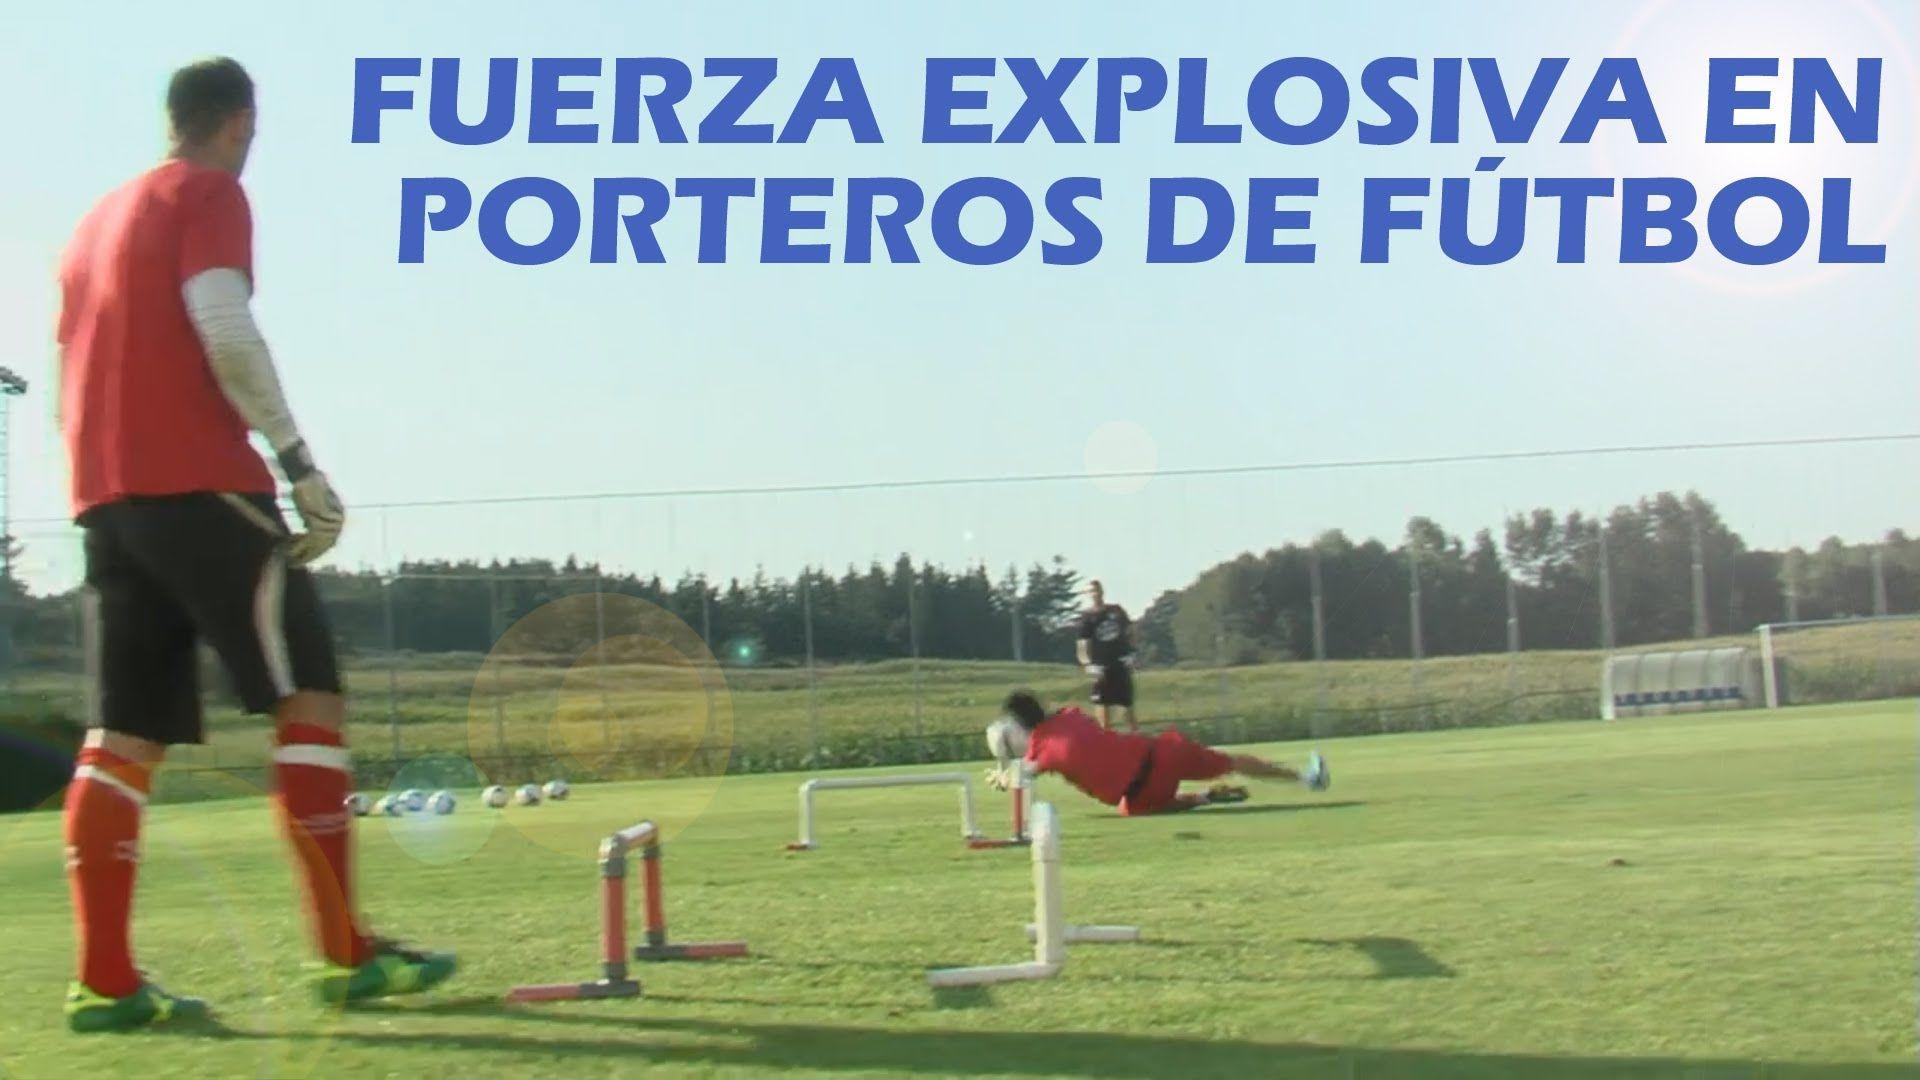 Propuesta de sesión de entrenamiento de fuerza explosiva en porteros pro...